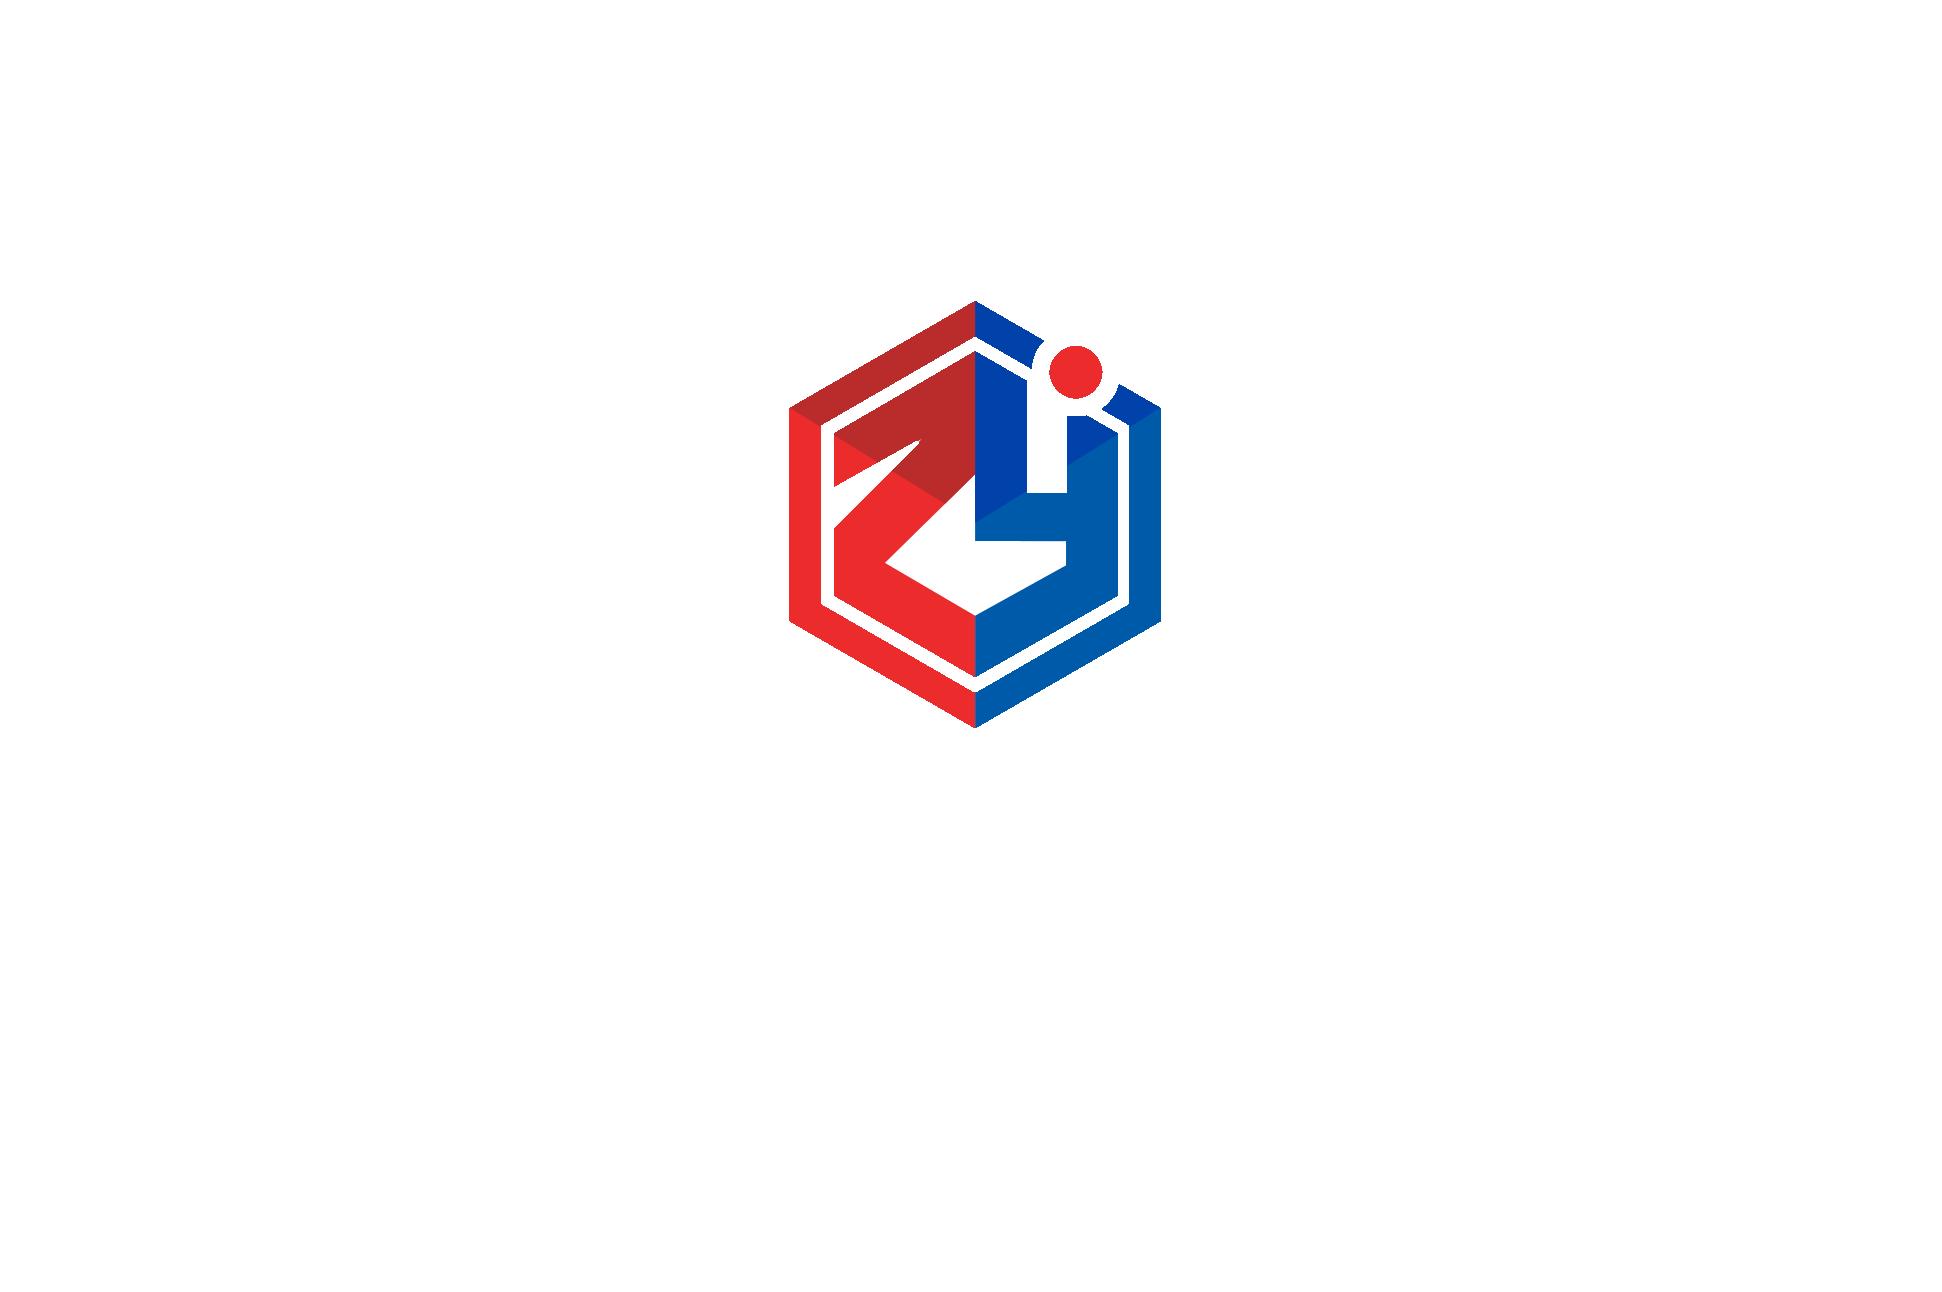 logo logo 标志 设计 矢量 矢量图 素材 图标 1942_1292